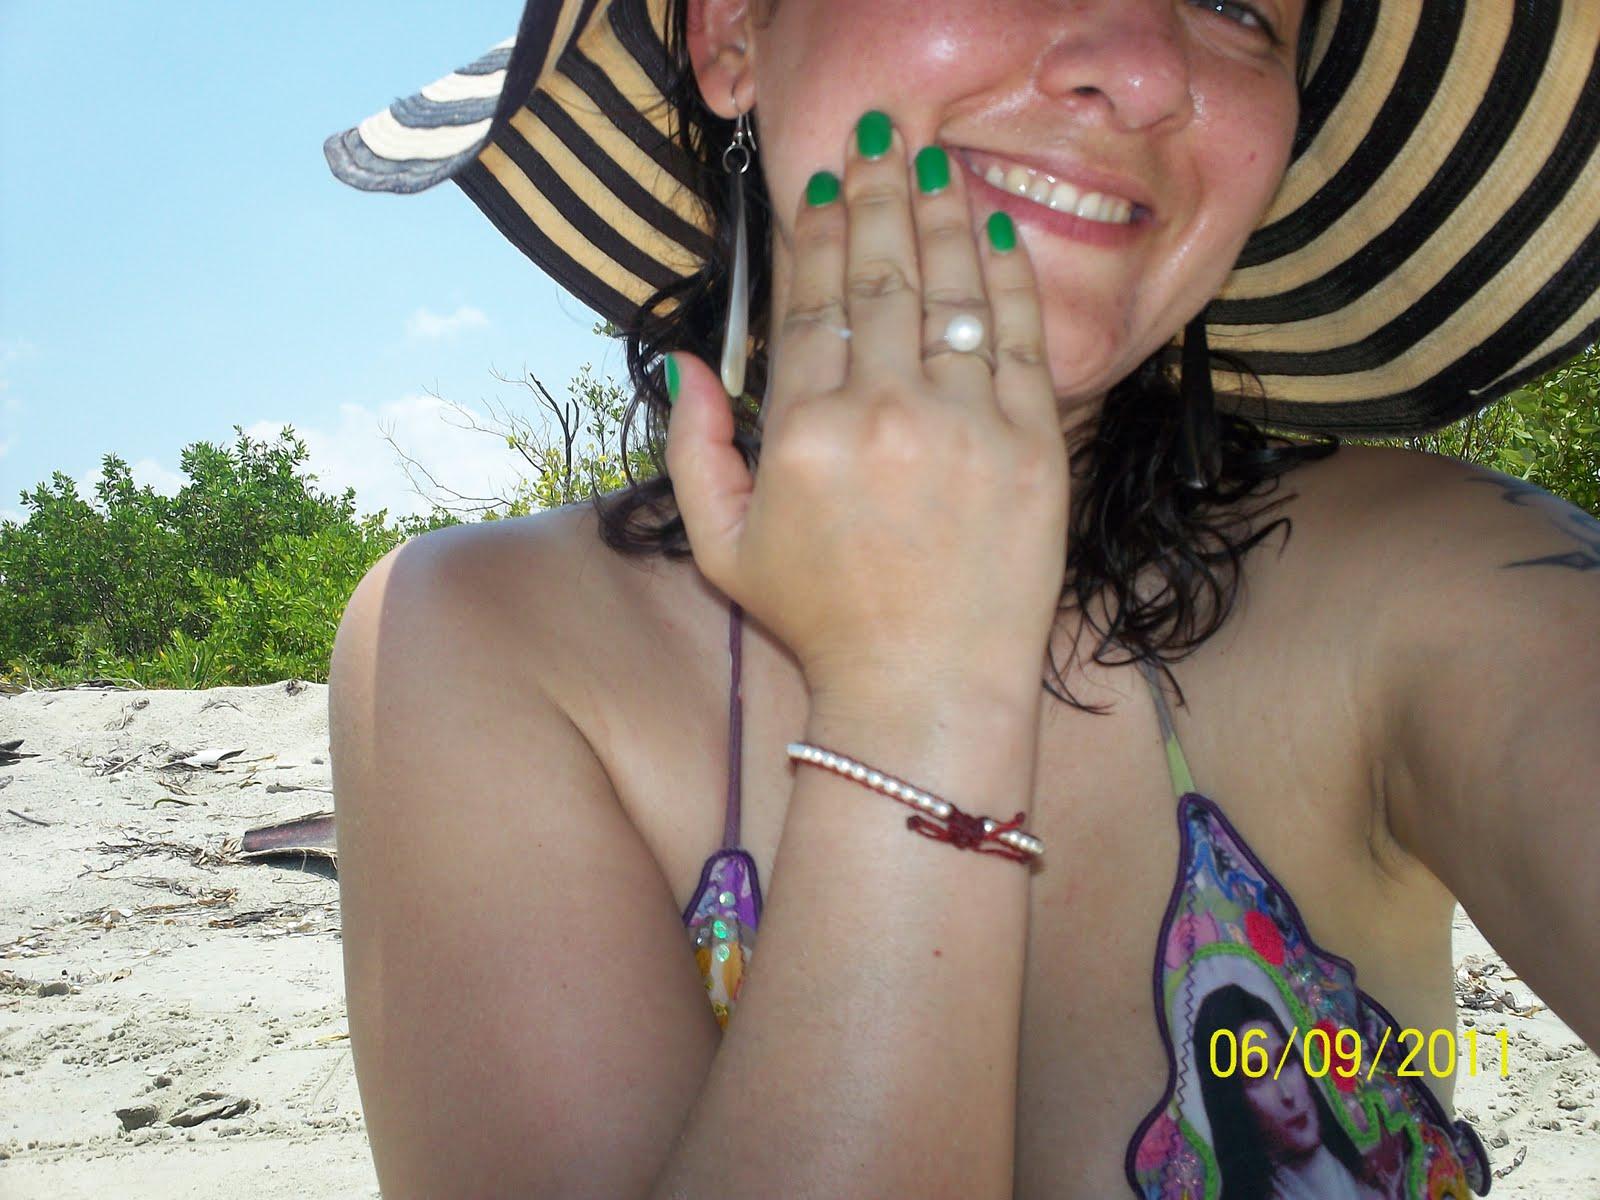 Manos, Juntas Imágenes gratis en Pixabay - fotos de manos con anillos de compromiso